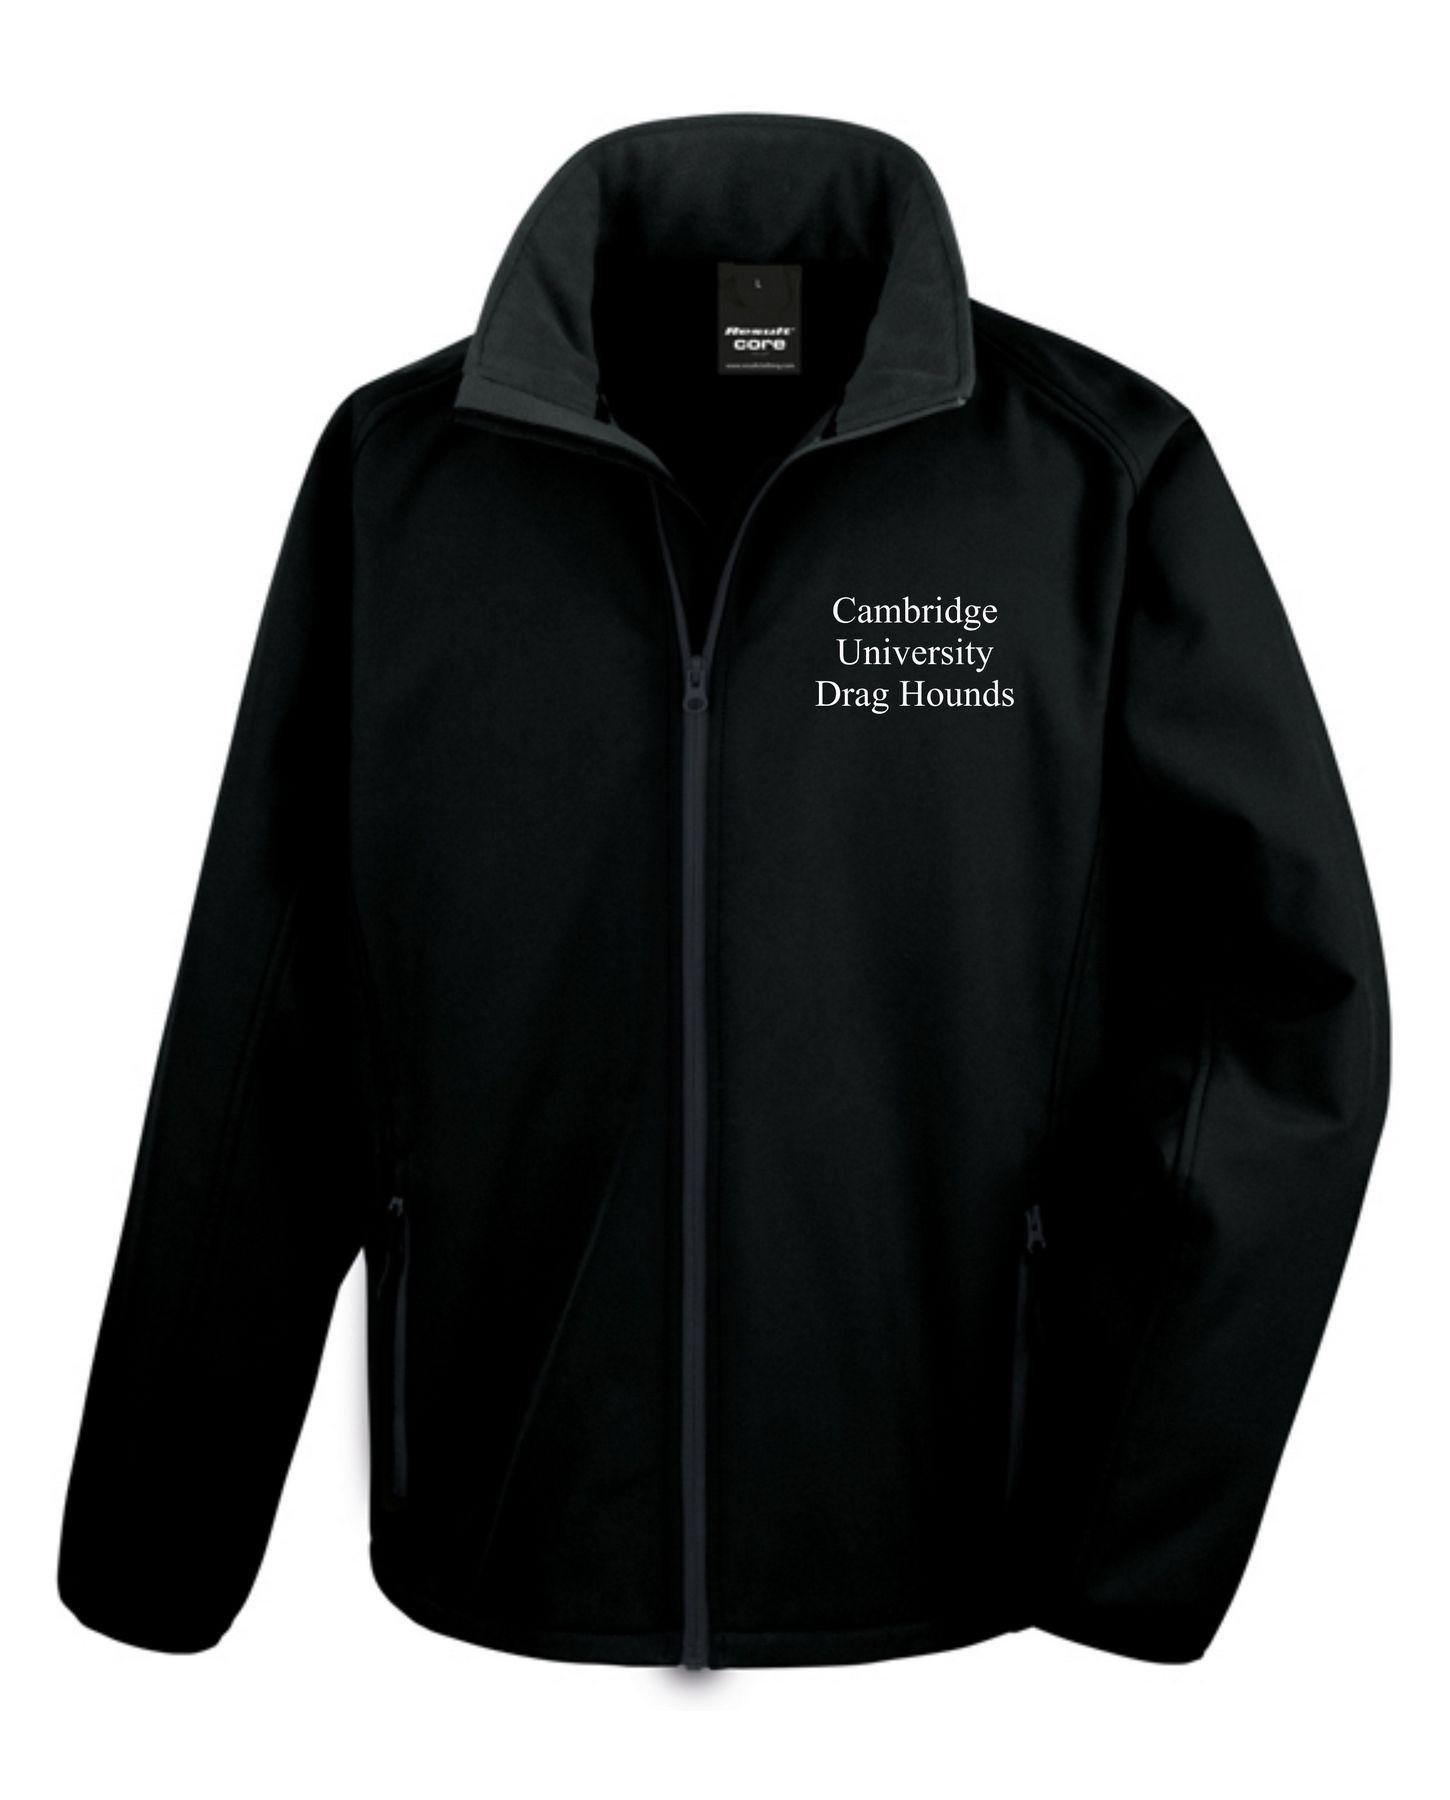 CUDH – Softshell Jacket